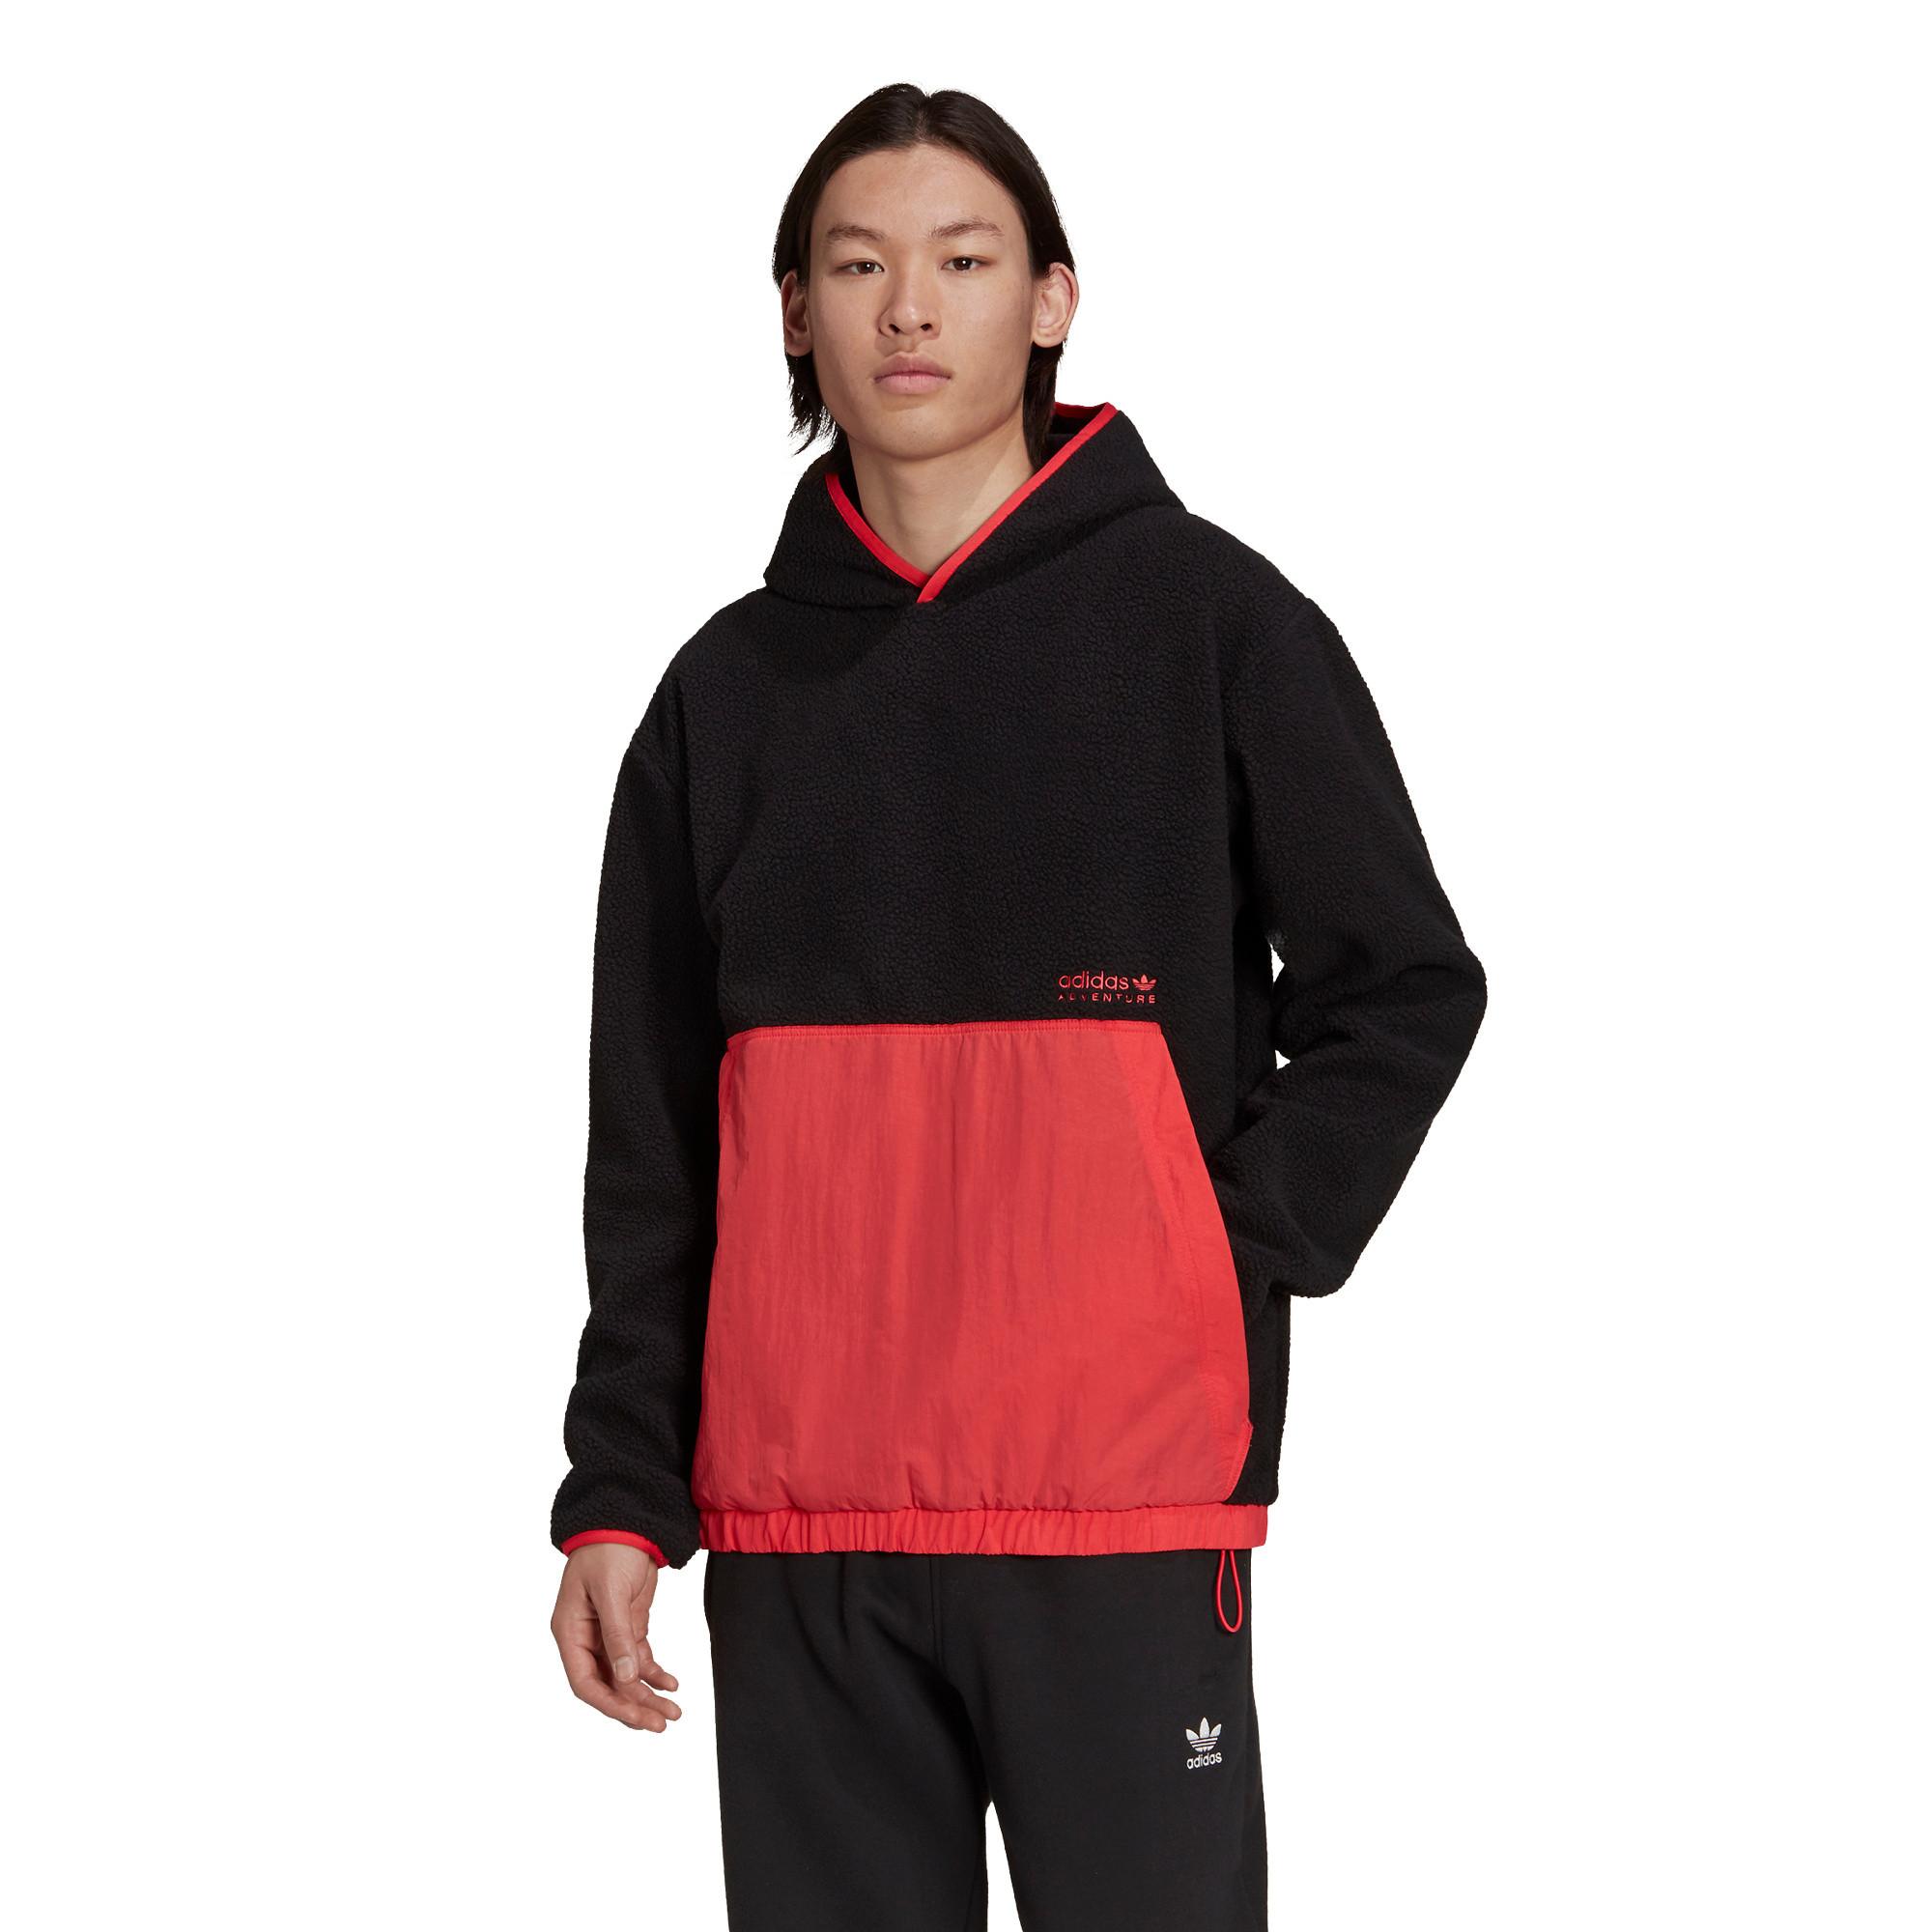 Felpa con cappuccio adidas Adventure Polar Fleece, Nero, large image number 3